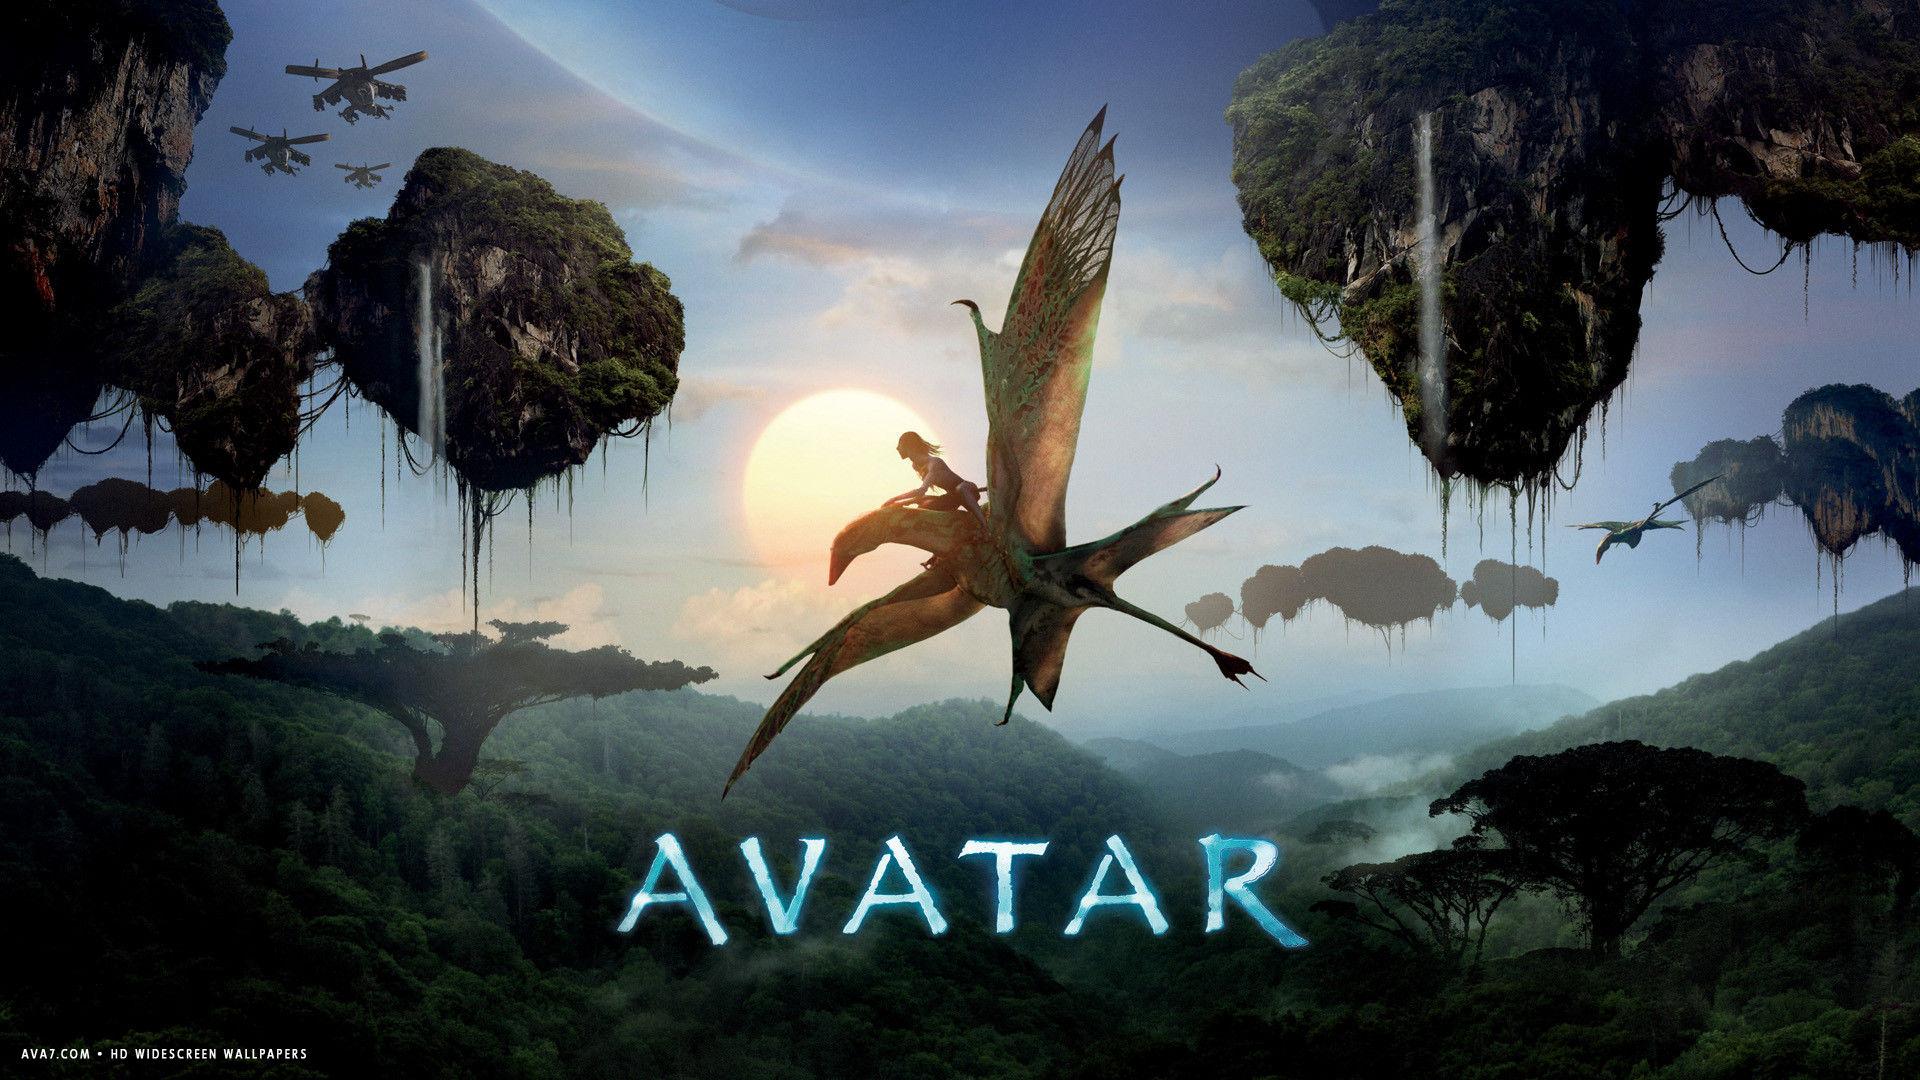 Постер из фильма аватар Обои  № 3272085  скачать